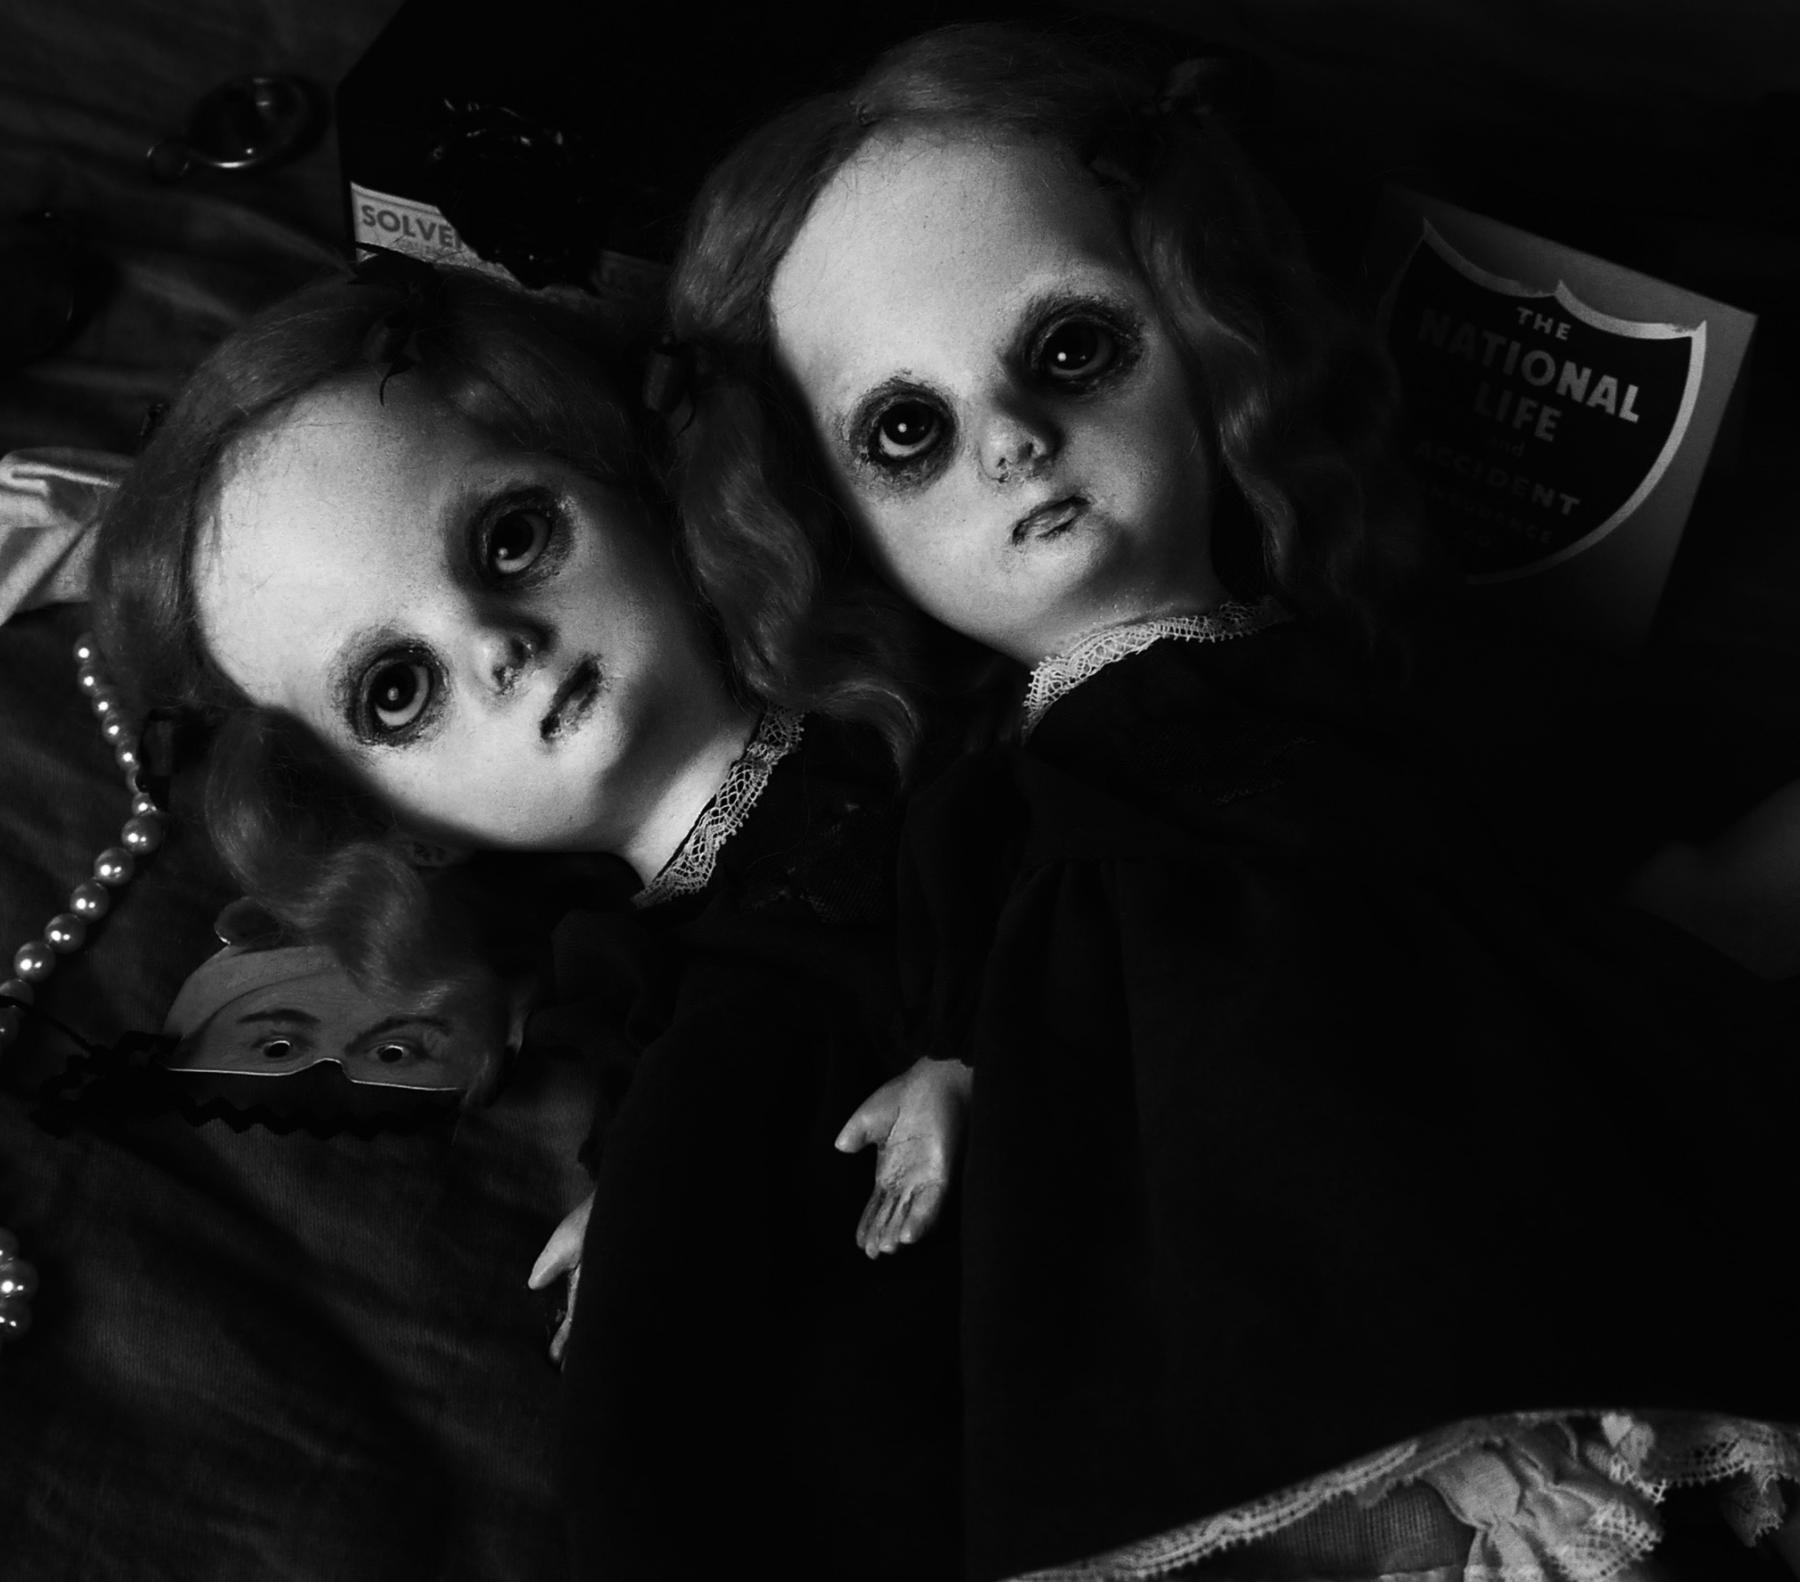 puppet7